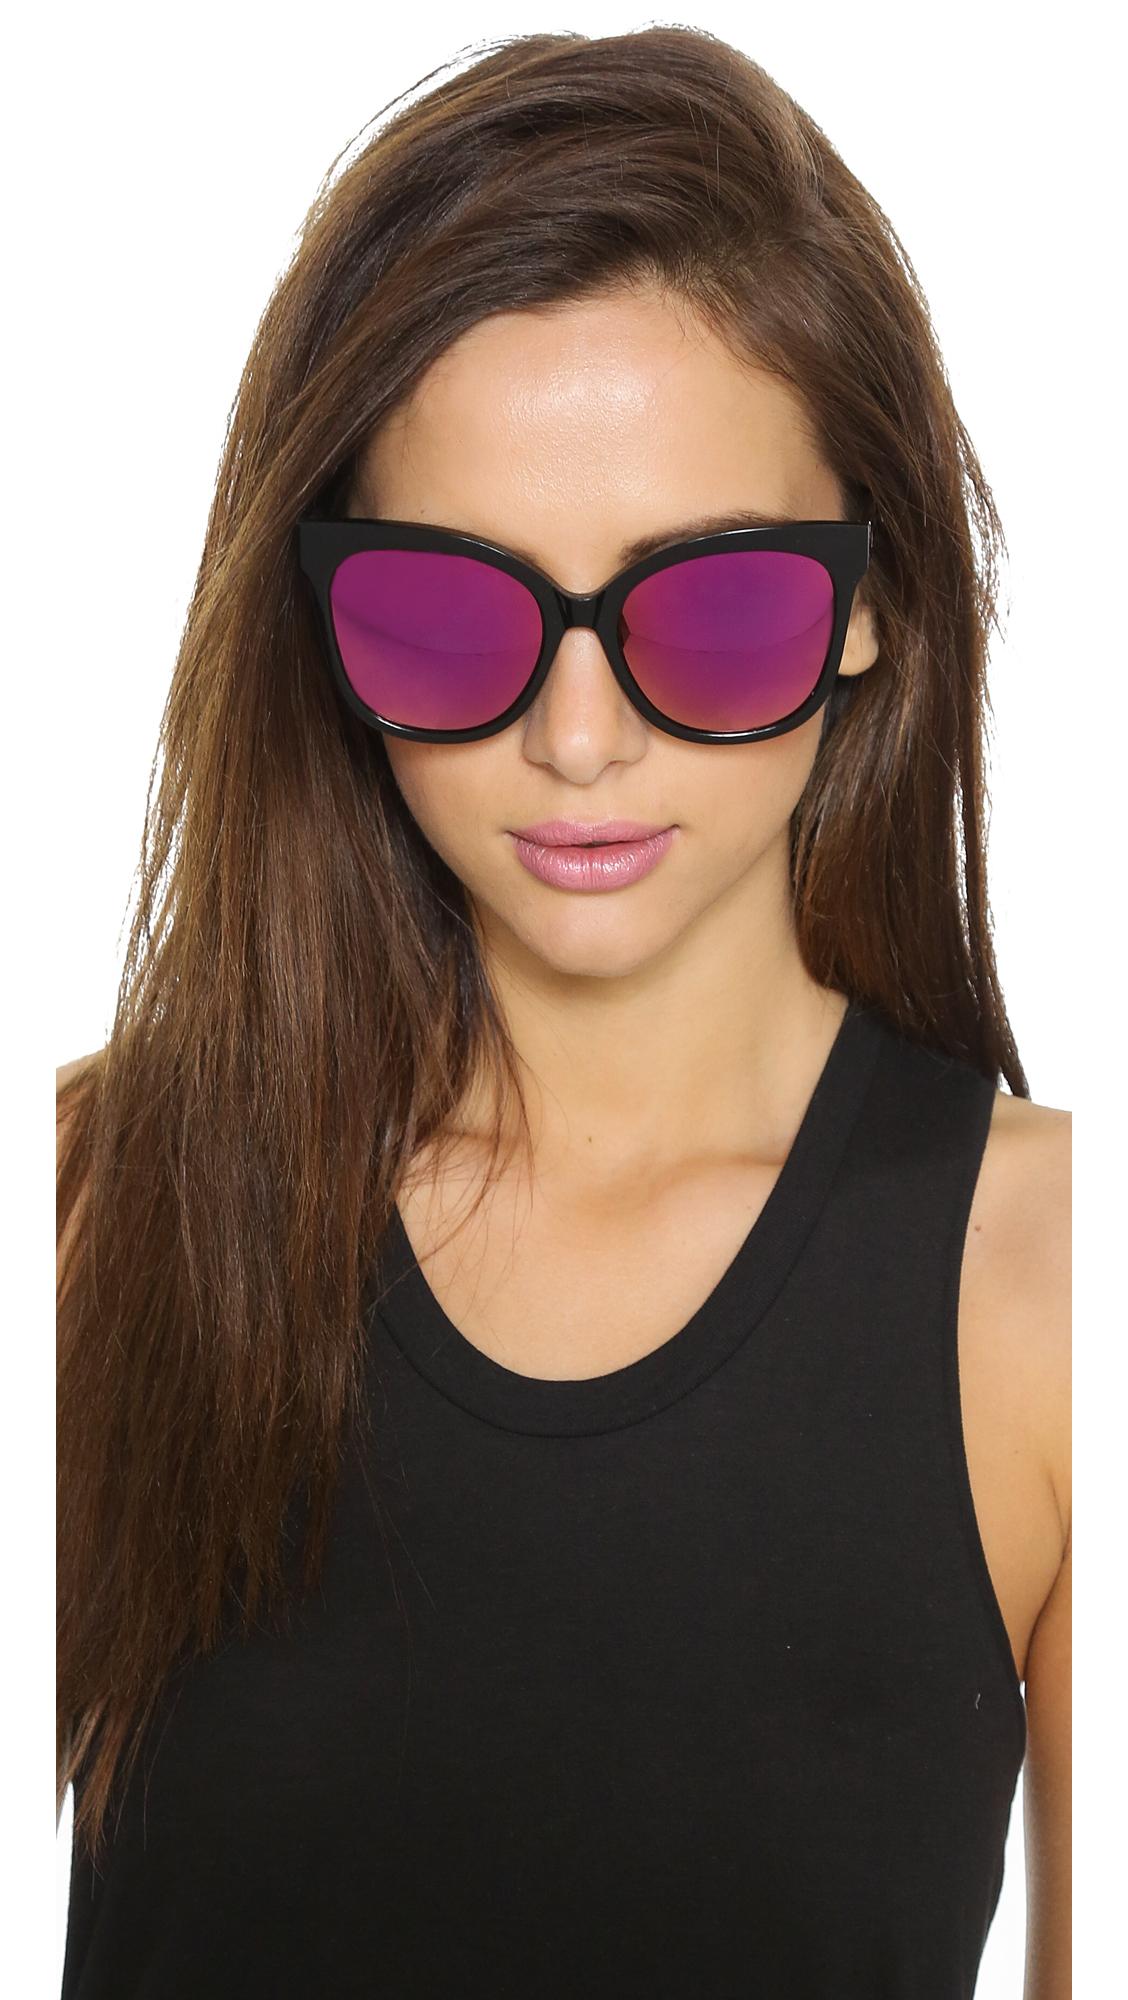 ccfa5fd00d8c Gentle Monster La Rouge Sunglasses